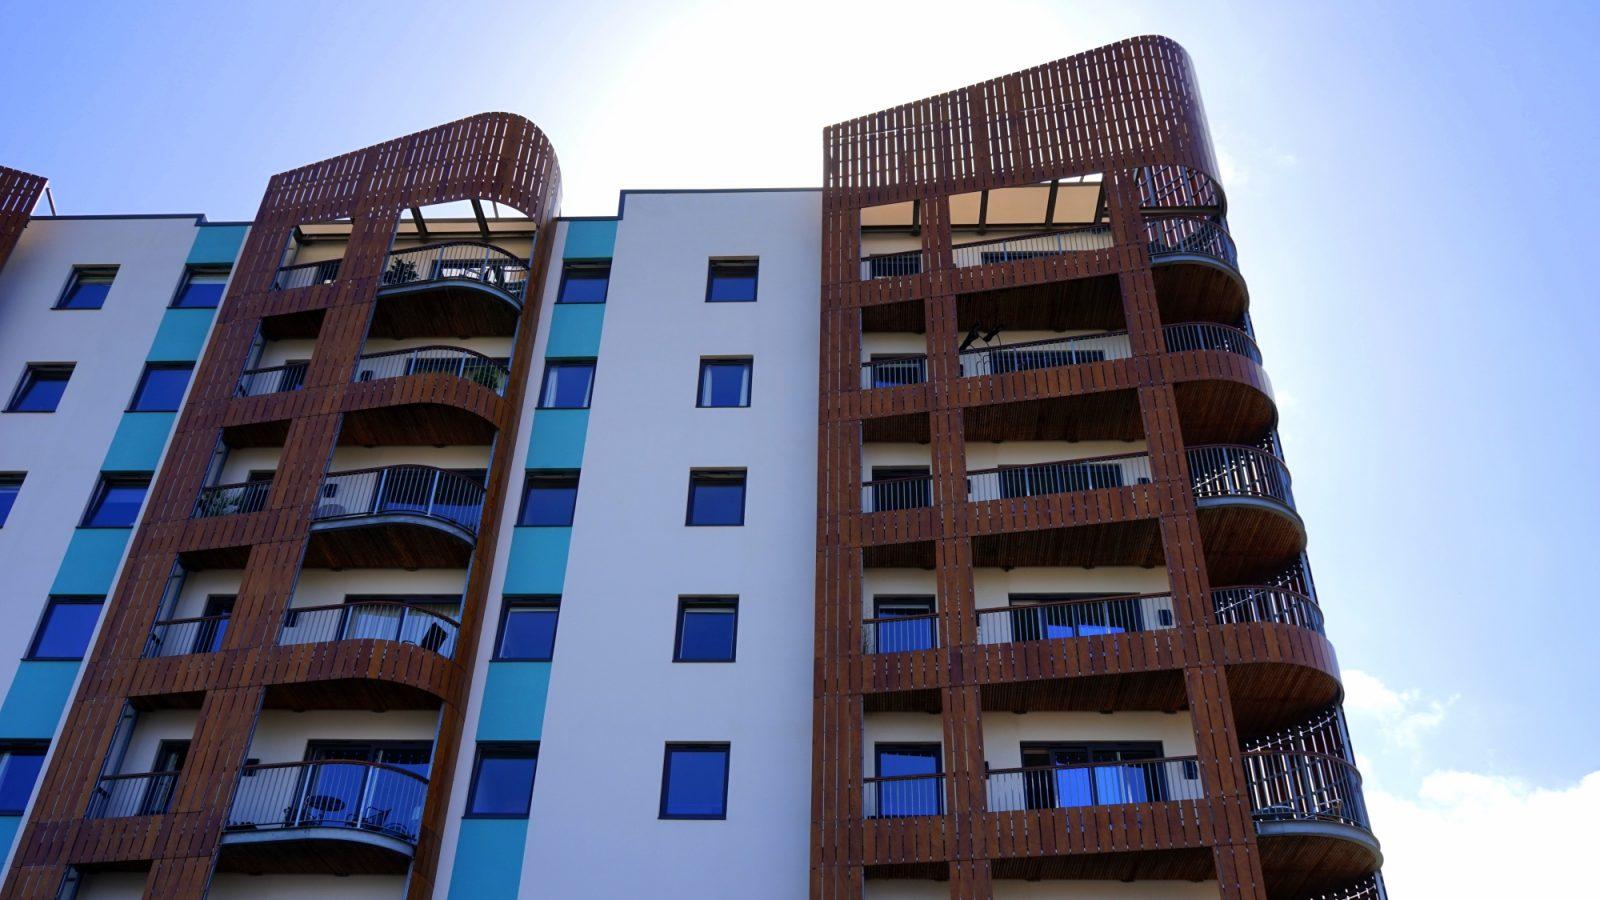 Settore immobiliare - Real Estate - Condominio (Foto Pexels - Mikes Photos) Imc